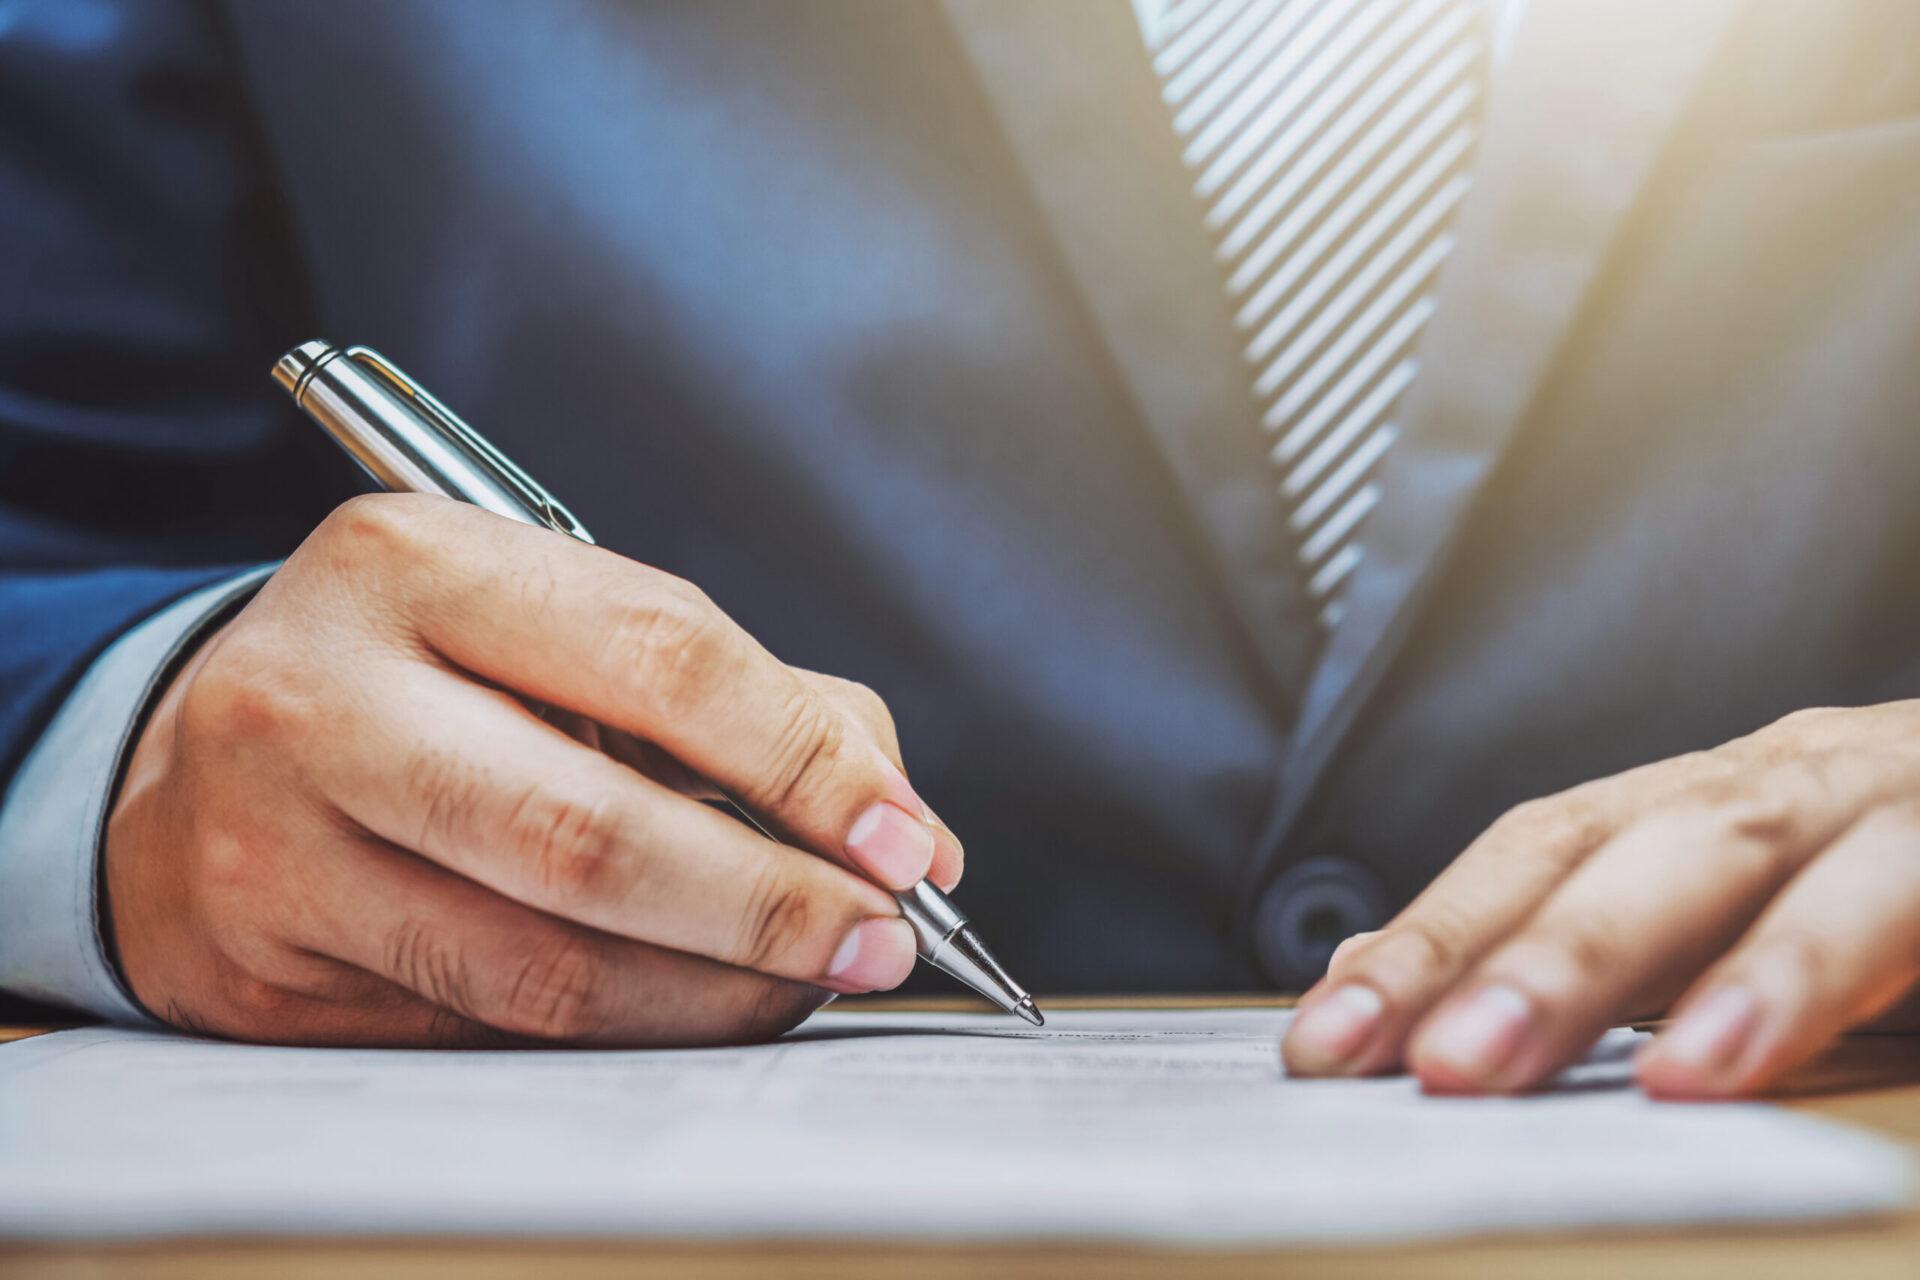 Kiedy sąd rejestrowy może odmówić wykreślenia spółki z urzędu? – cz. 1